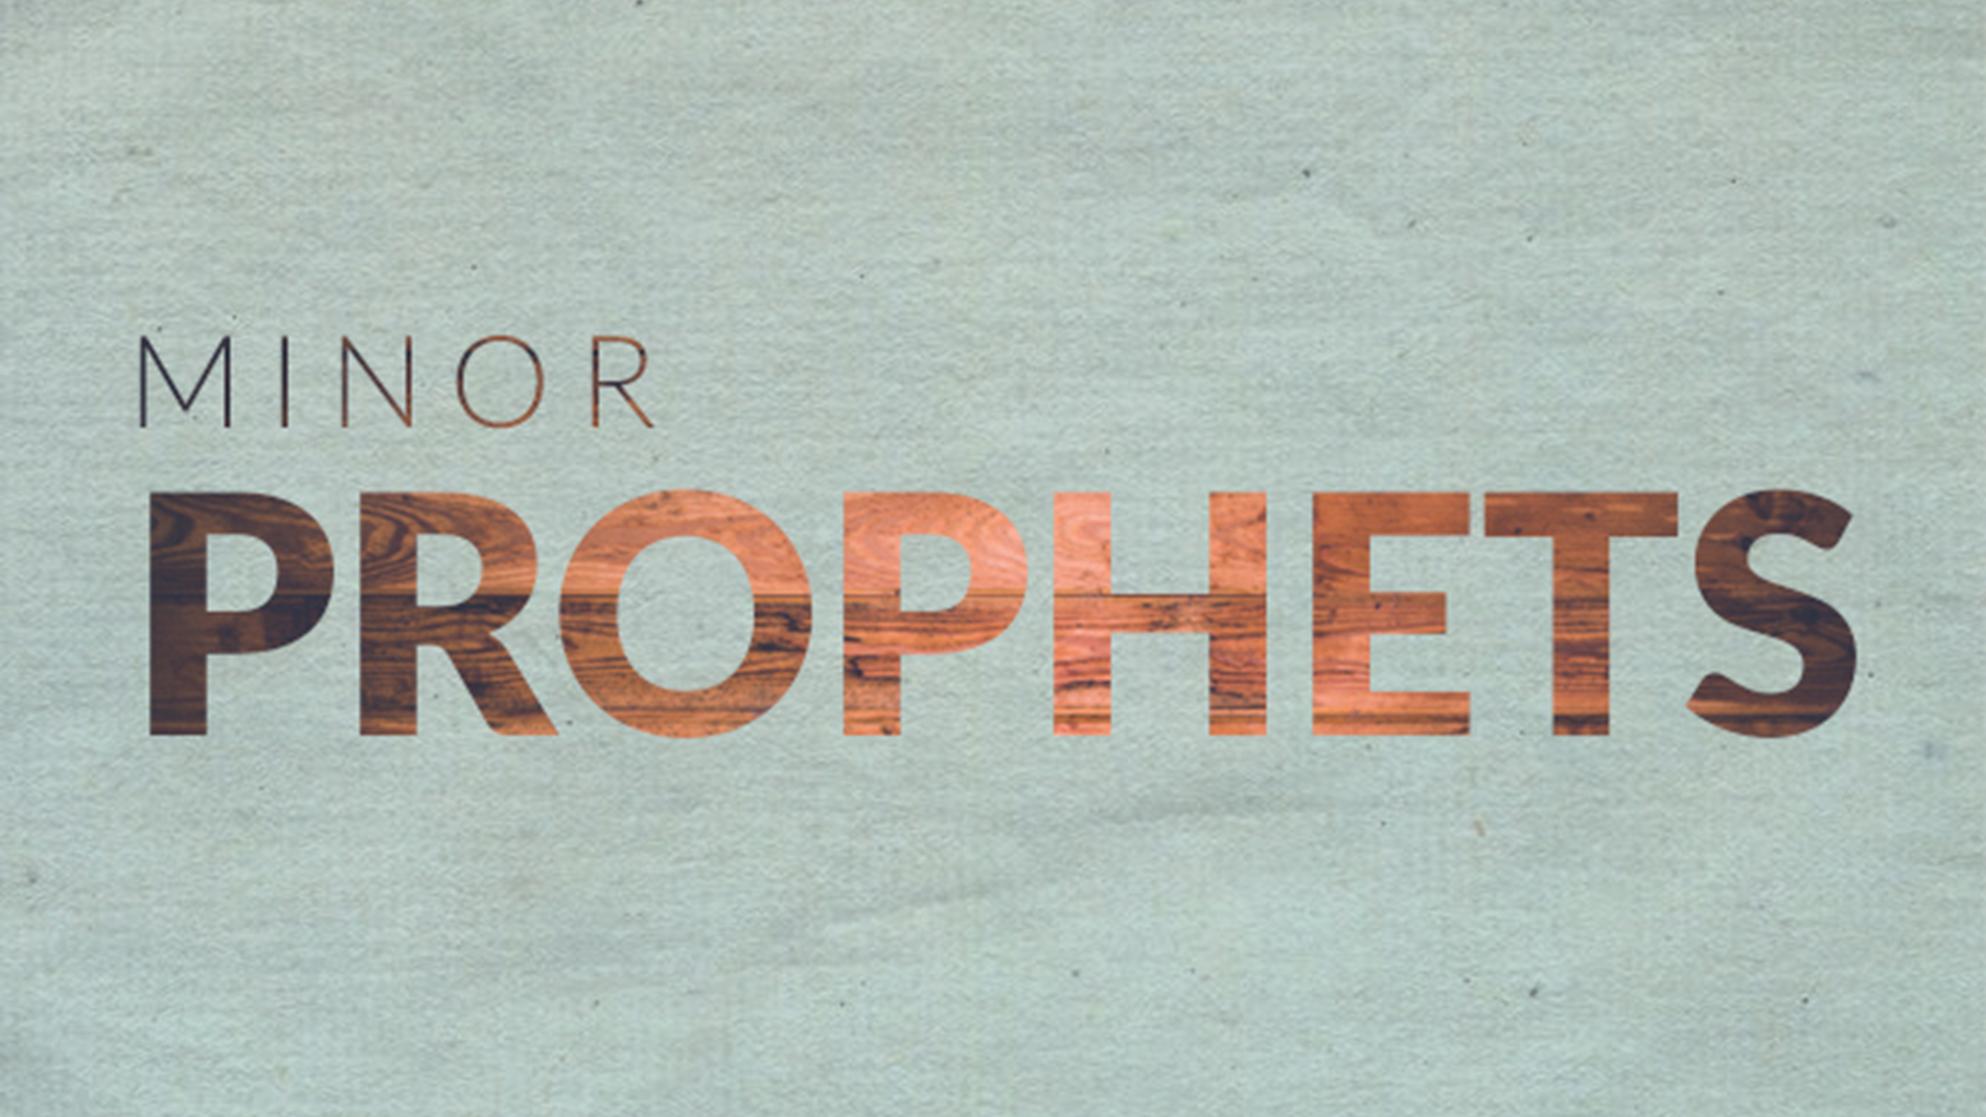 The Gospel in the Minor Prophets